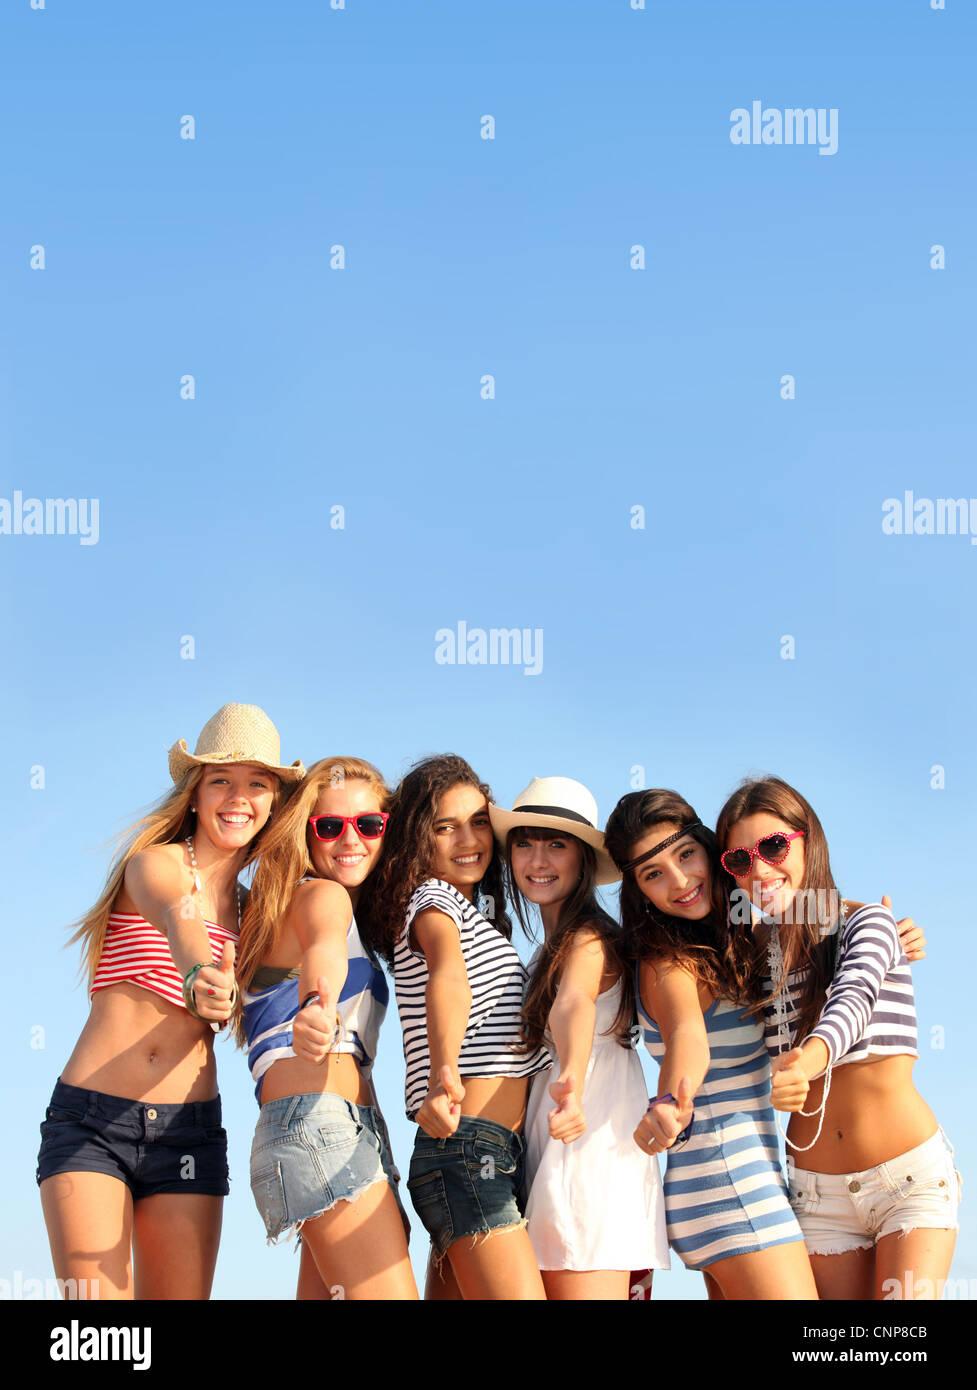 Un gruppo di ragazzi sulla spiaggia vacanze estive o pausa di primavera Immagini Stock